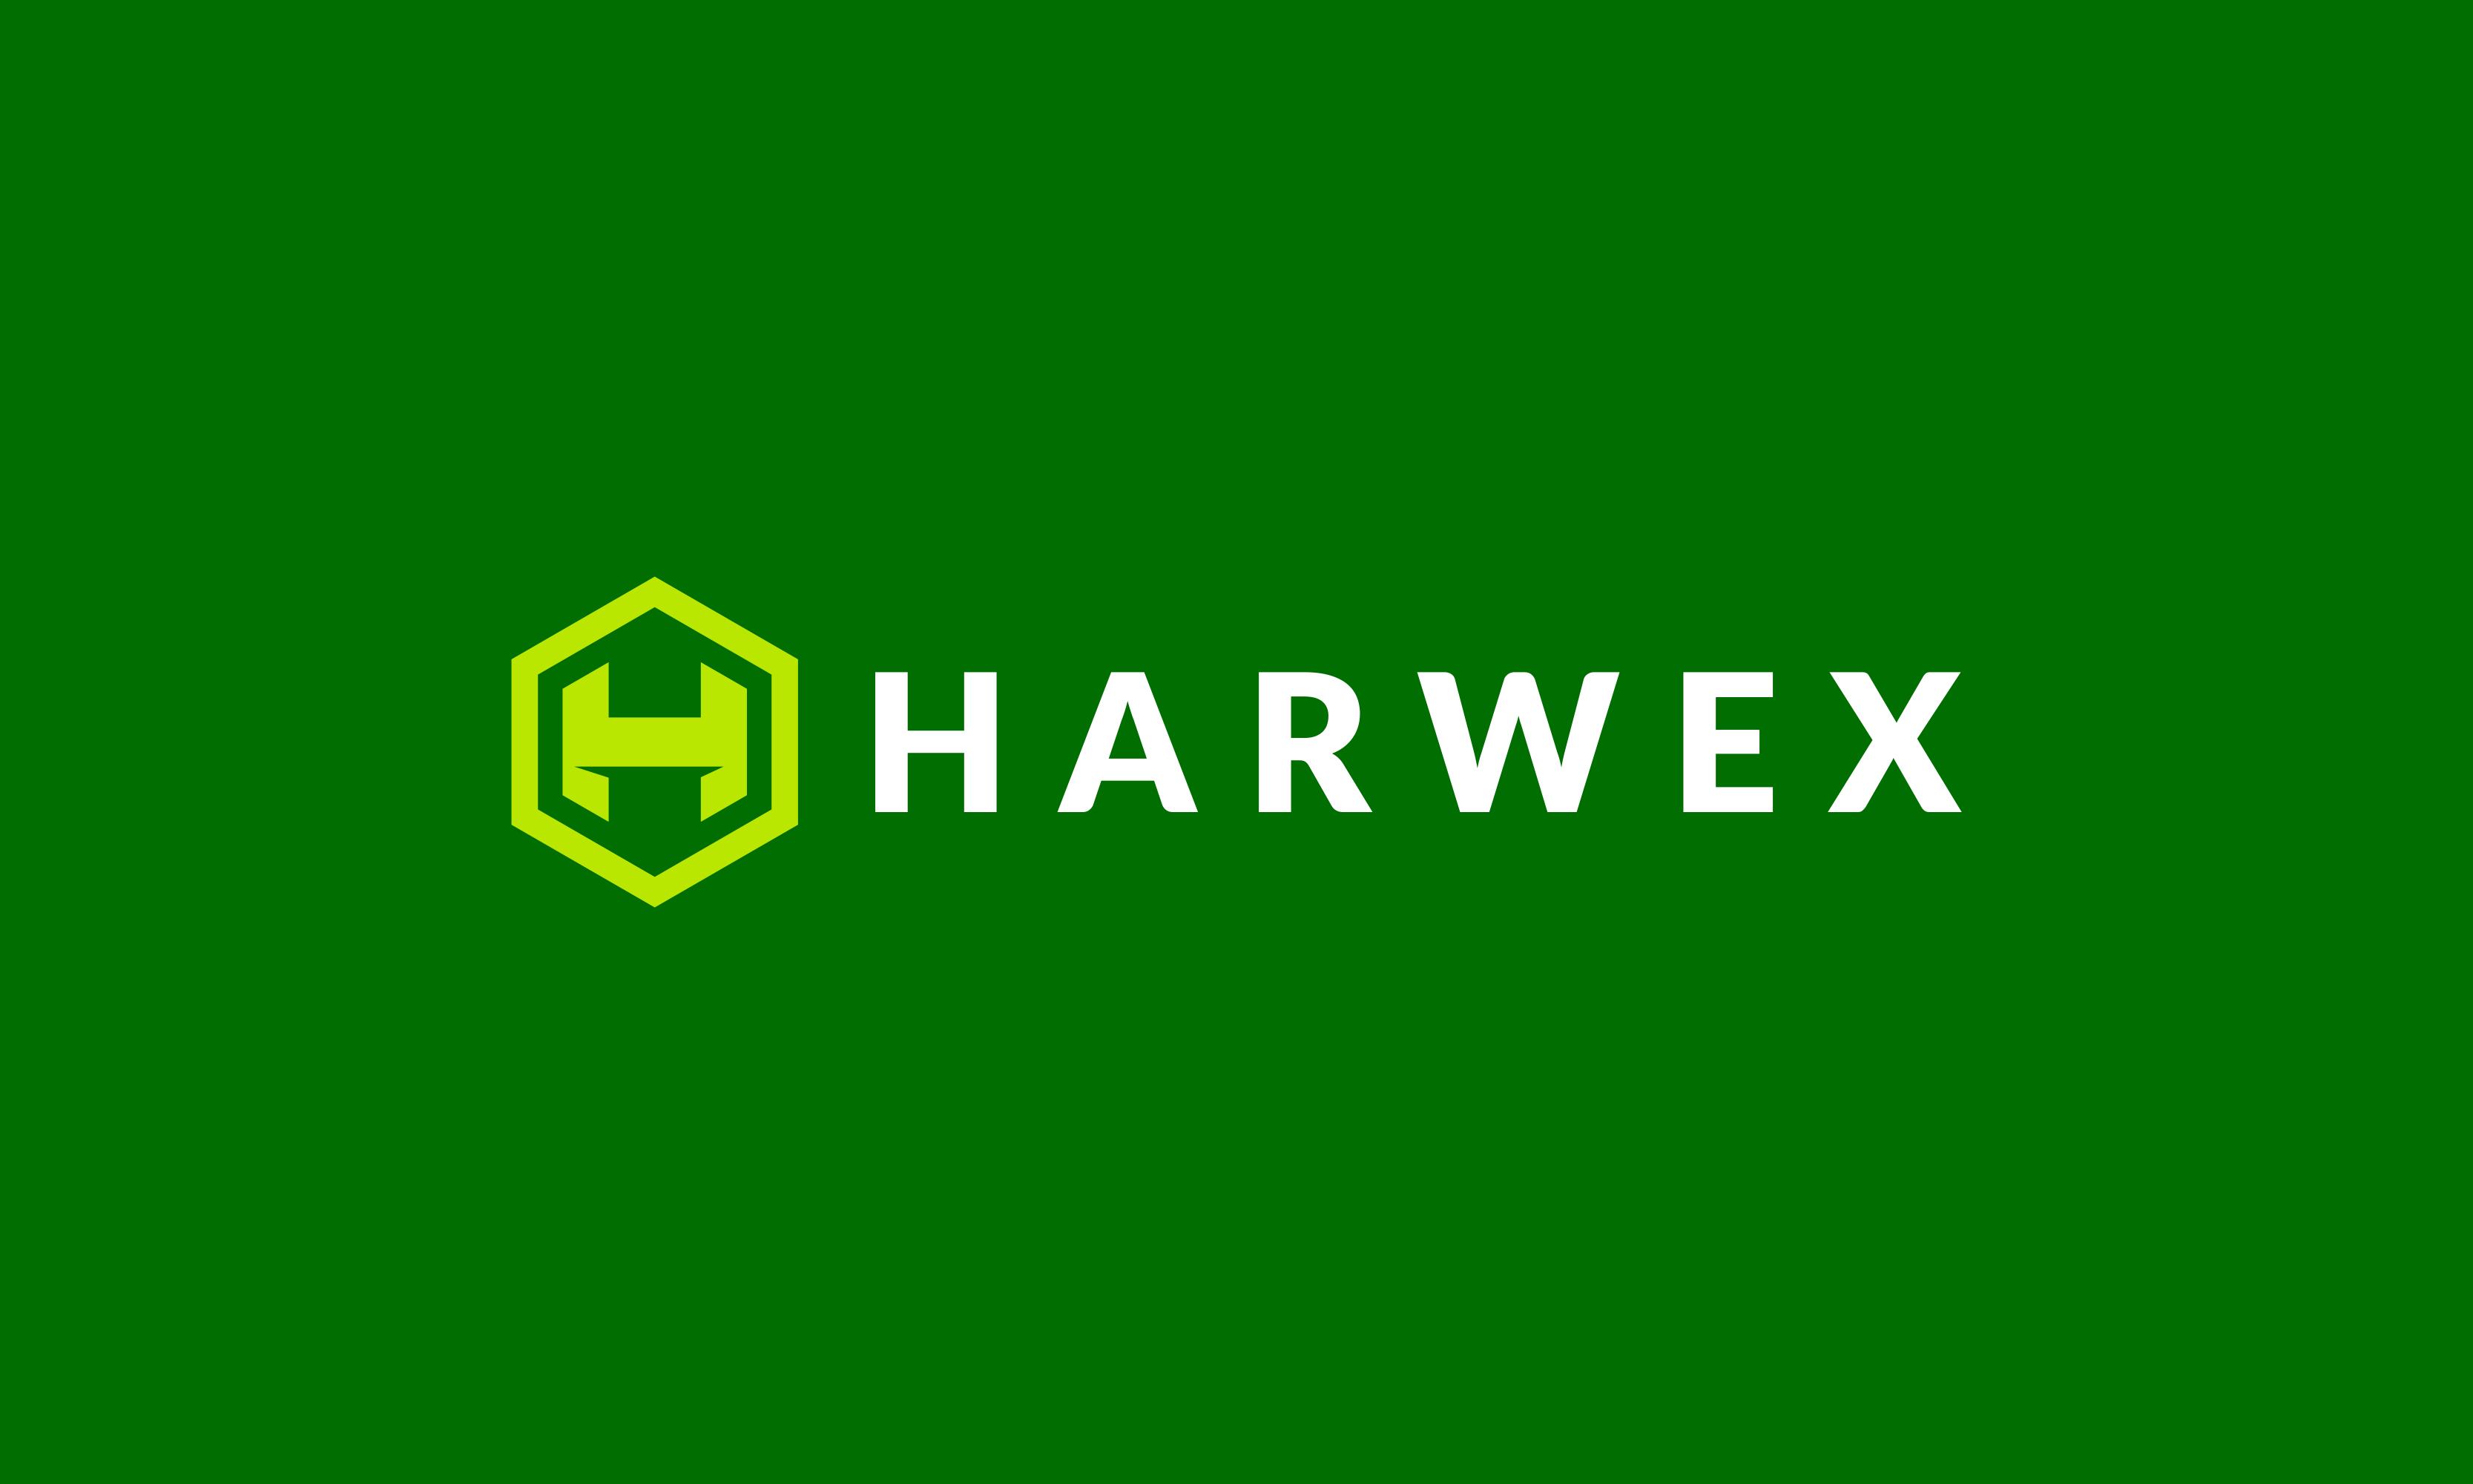 harwex